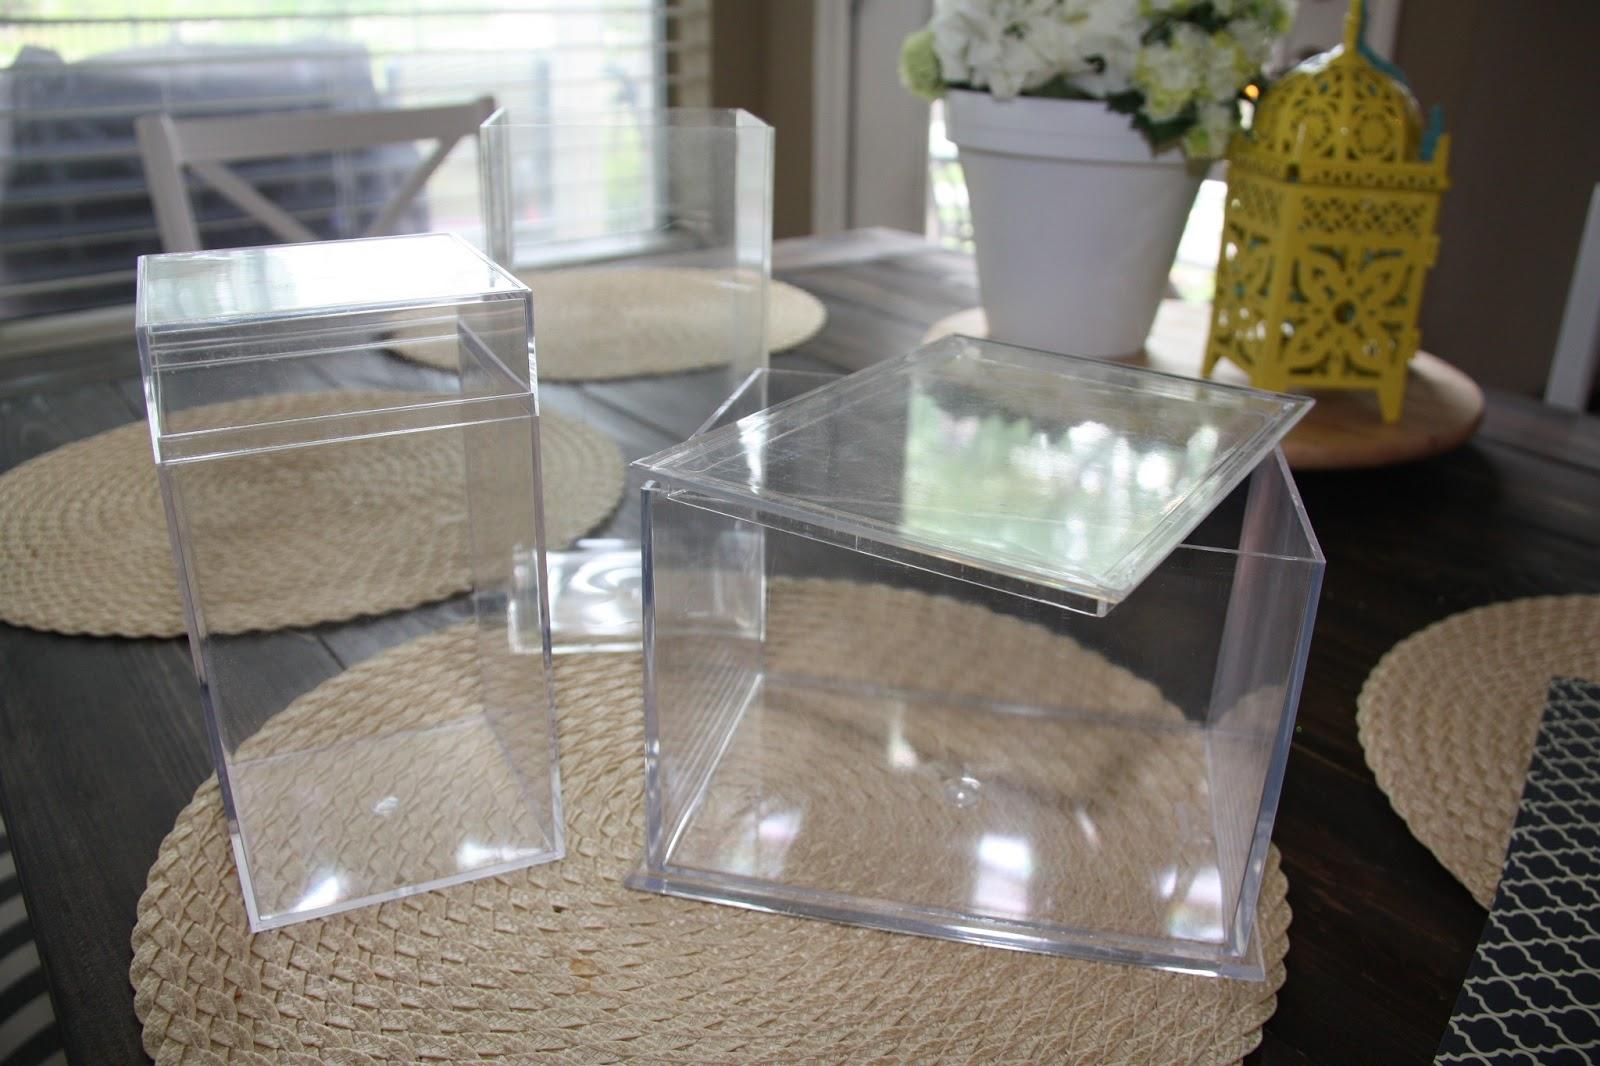 Decorative Bathroom Counter Storage : Diy lori decorative counter top storage